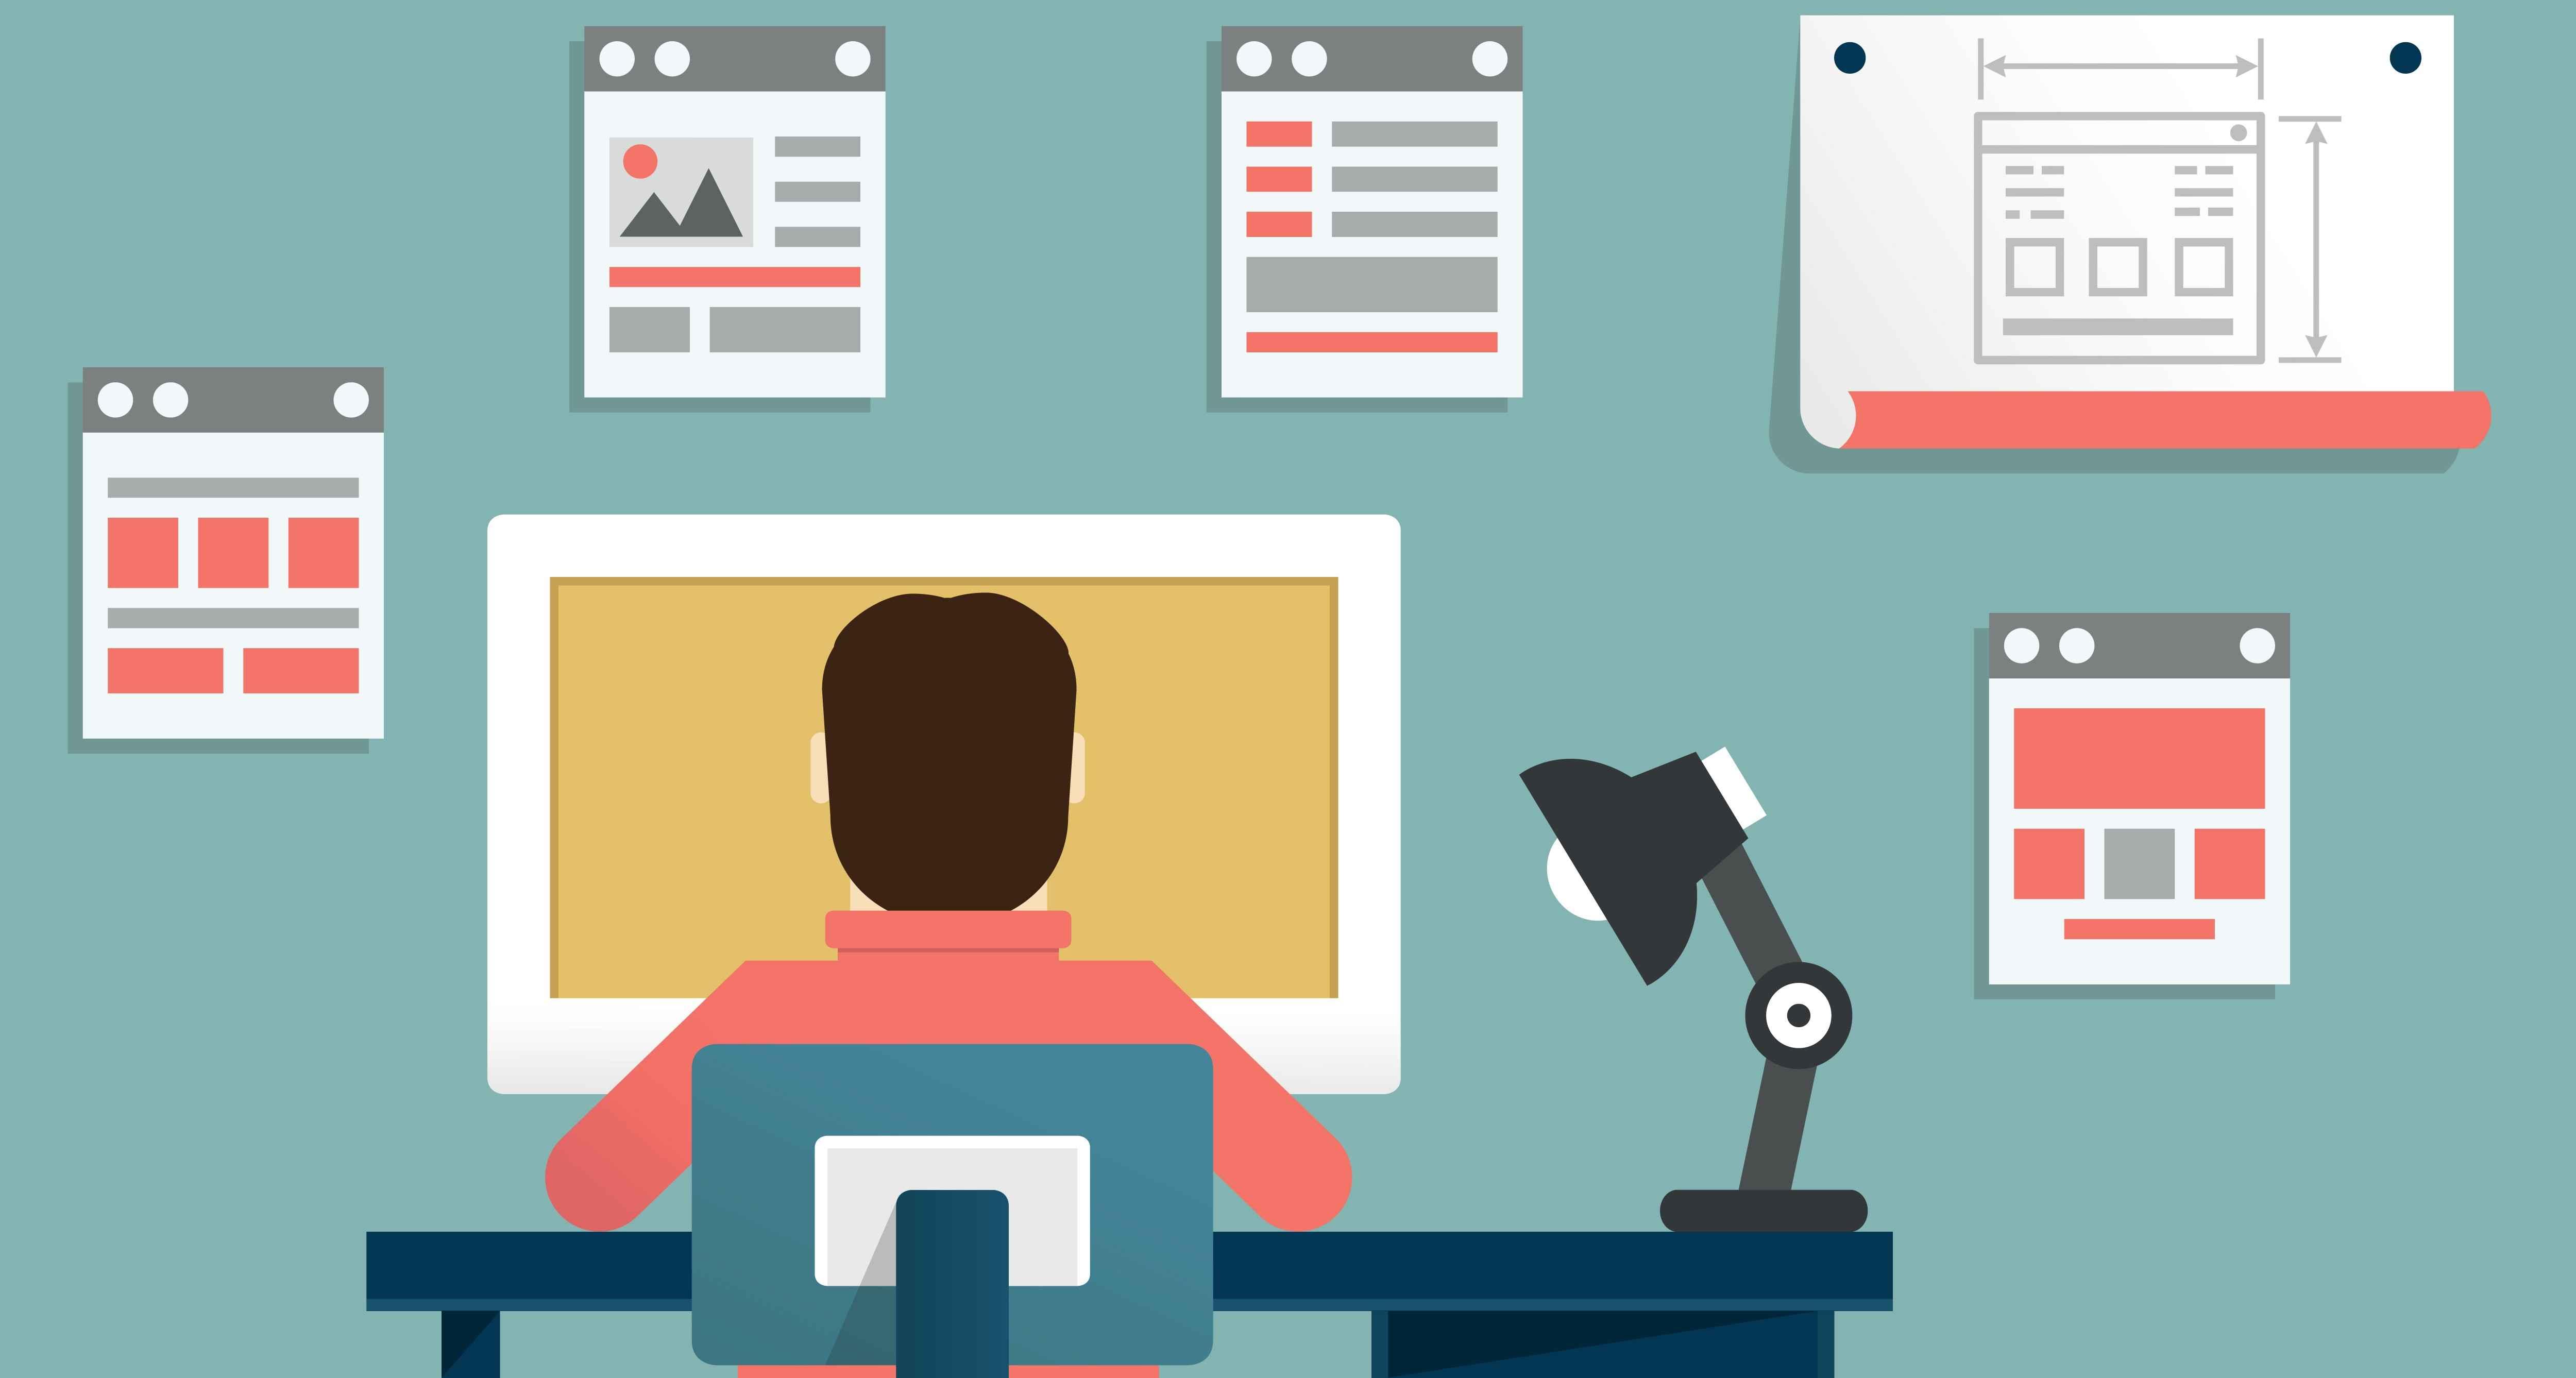 Empreendedor Digital: Um Novo Modelo Lucrativo de Negócio. Está procurando um bom negócio para trabalhar em casa com pouco investimento, leia este artigo.